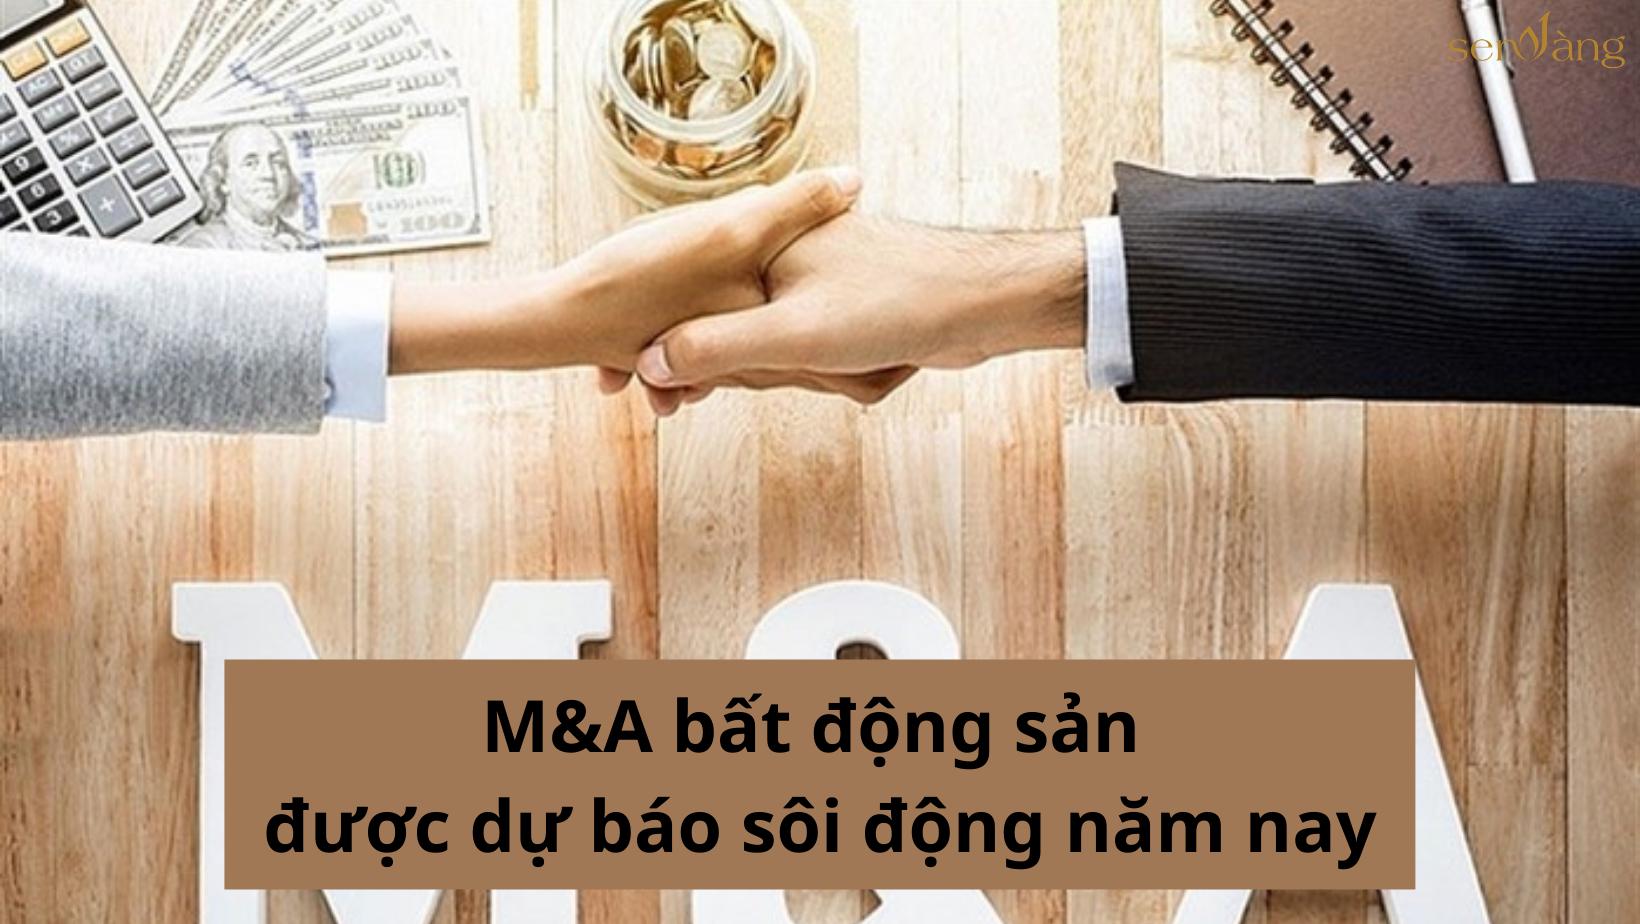 M&A bất động sản được dự báo sôi động trong năm 2021